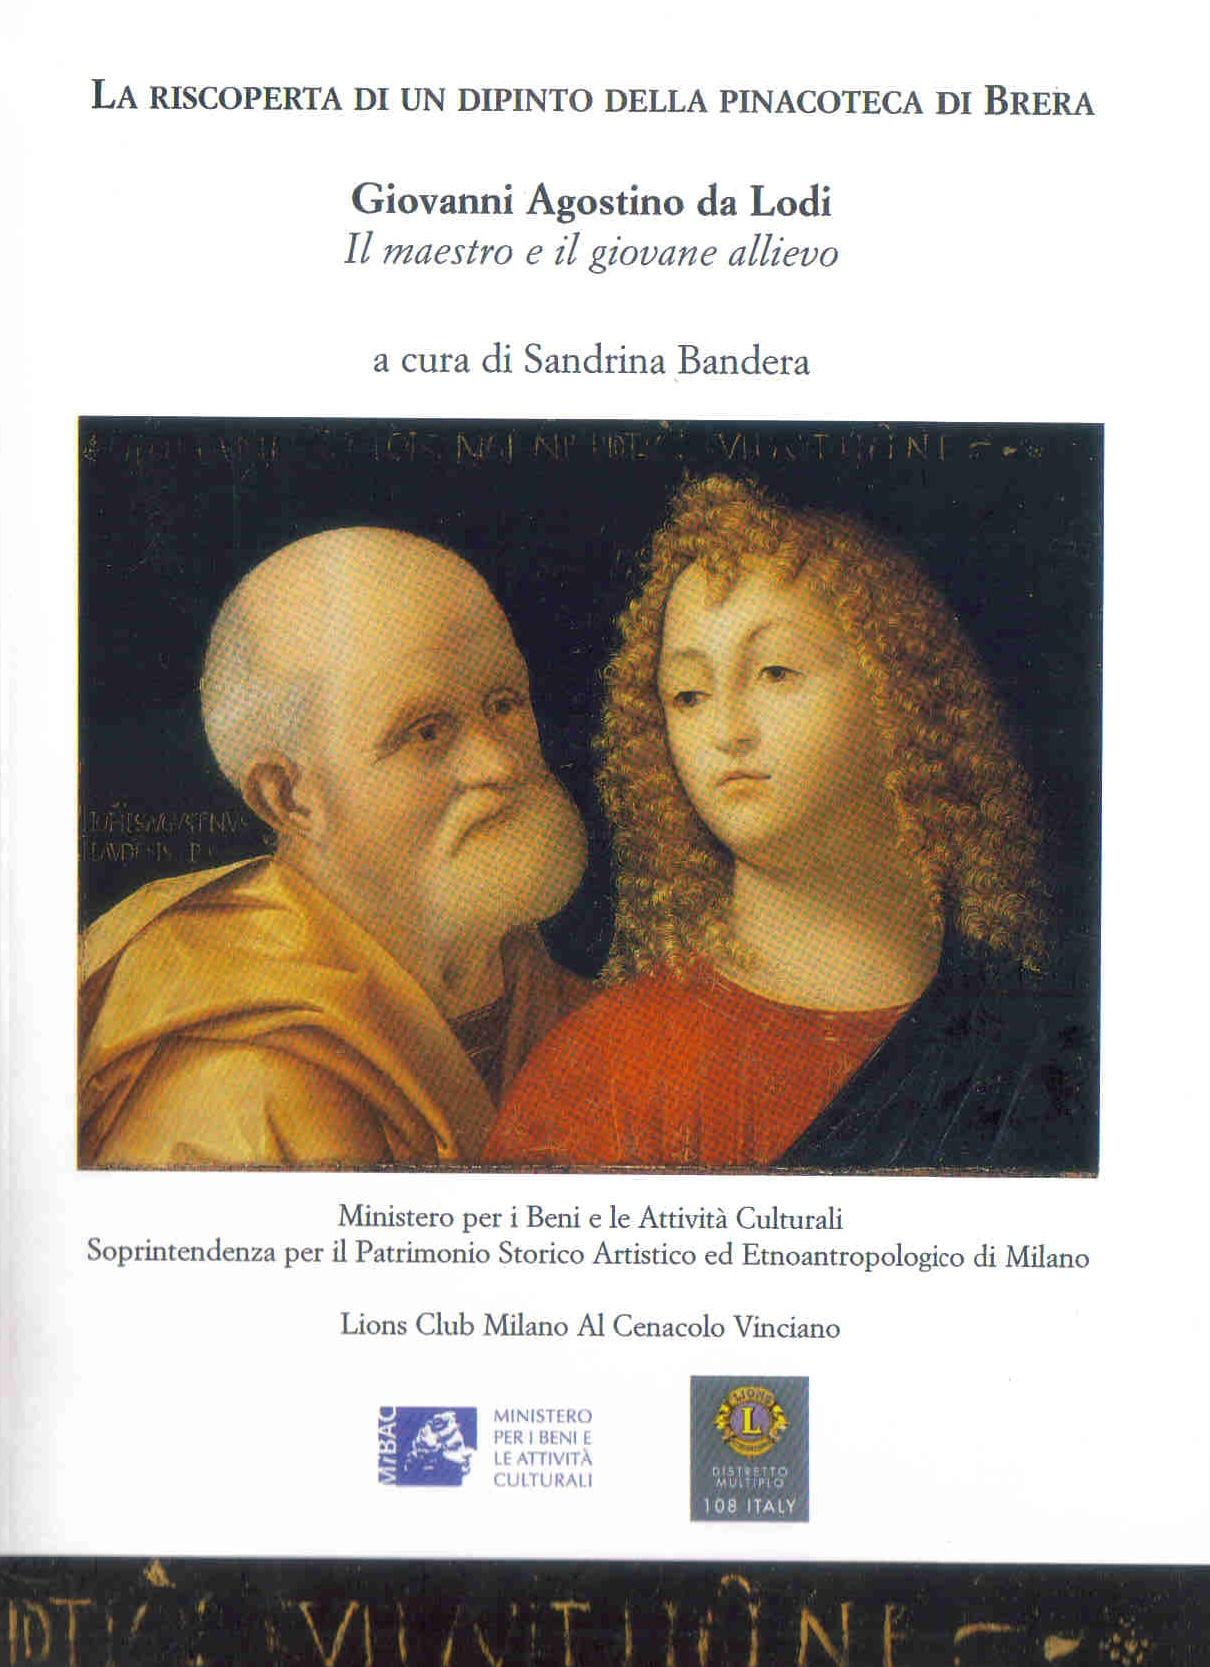 Giovanni Agostino da Lodi